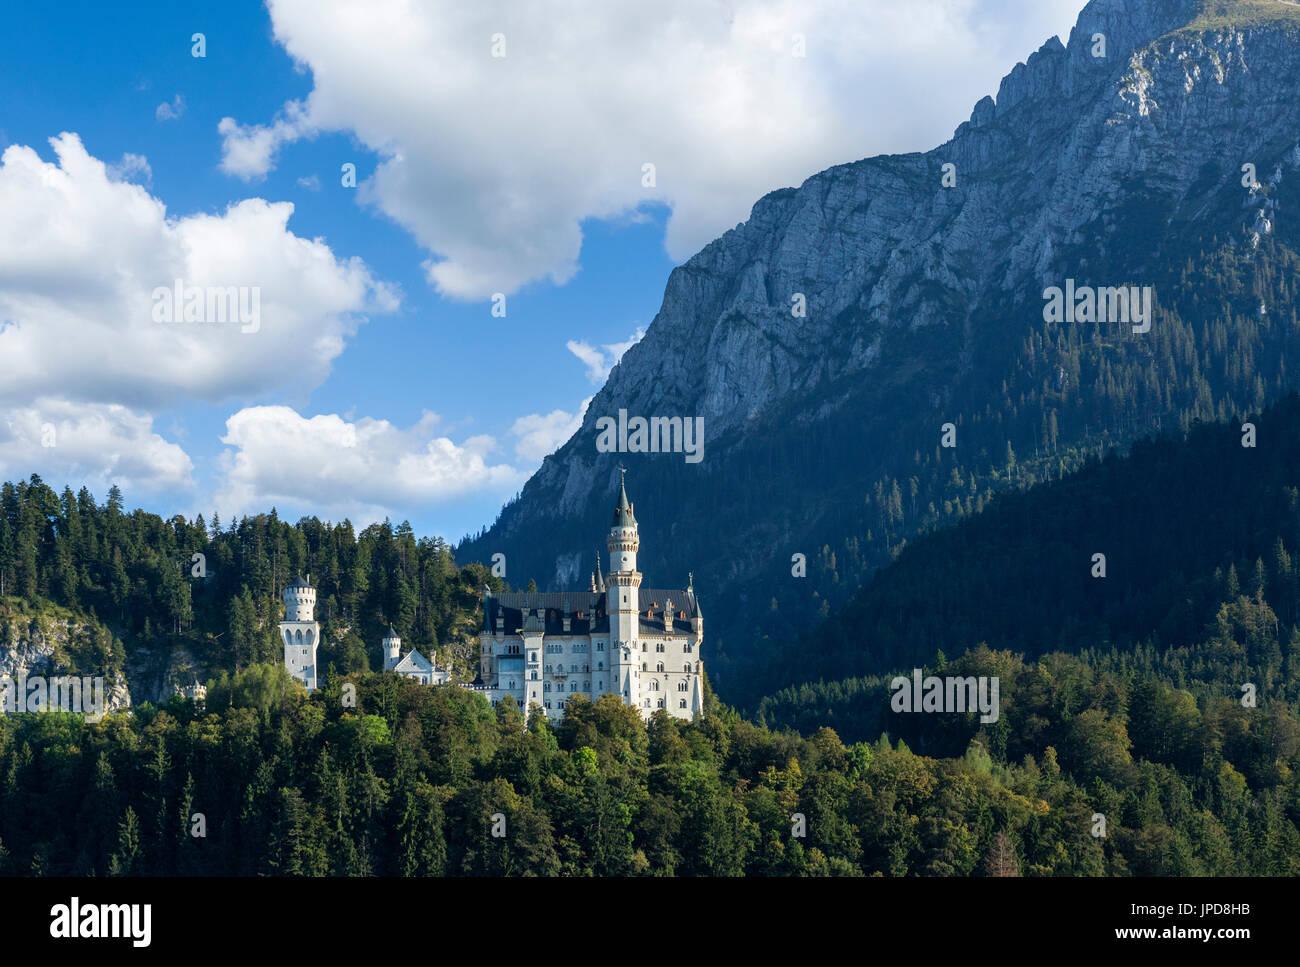 Neuschwanstein Castle (Schloss Neuschwanstein), Hohenschwangau, Germany - Stock Image